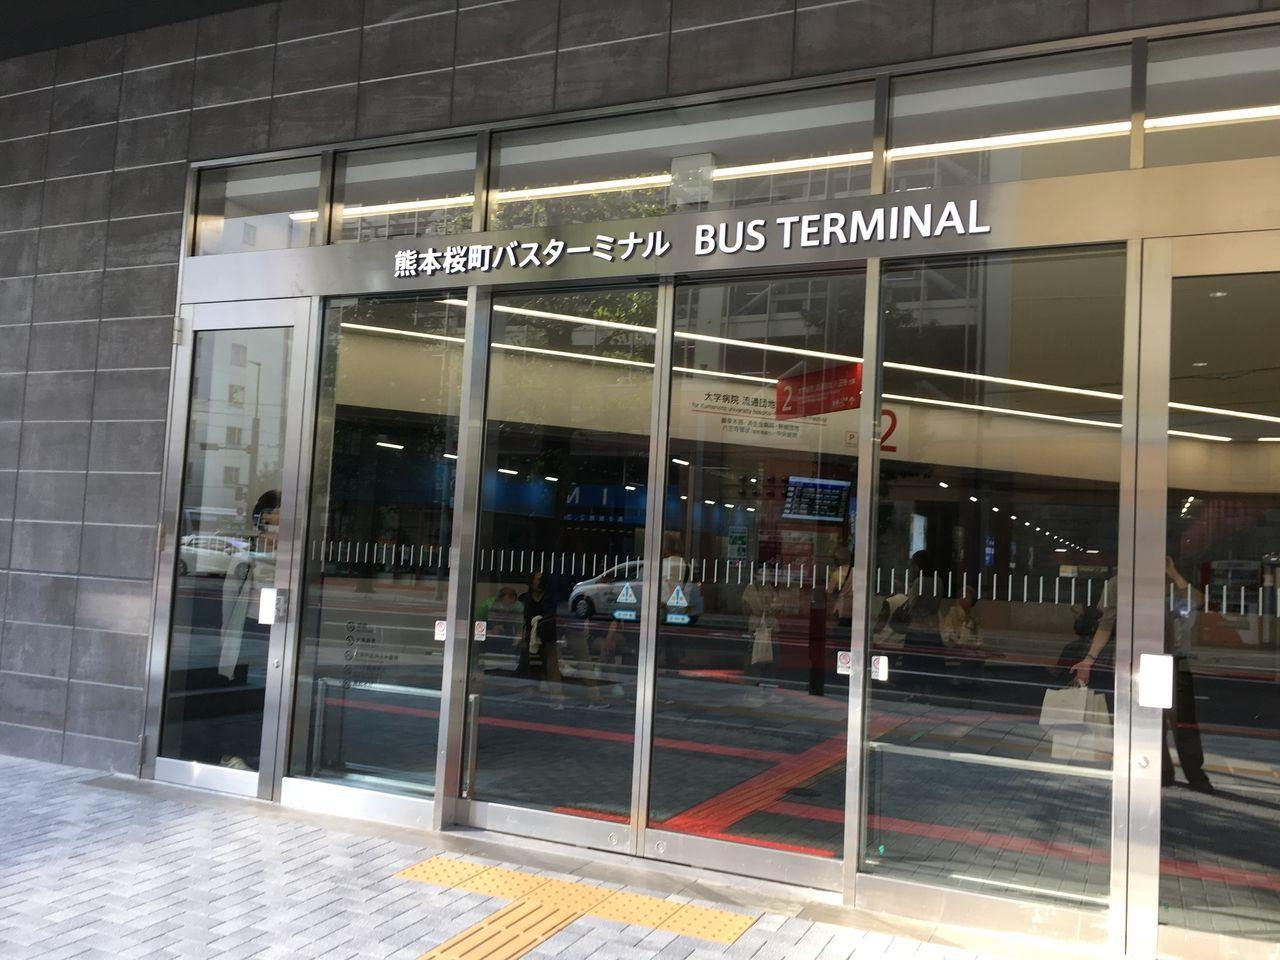 熊本桜町バスターミナル入口